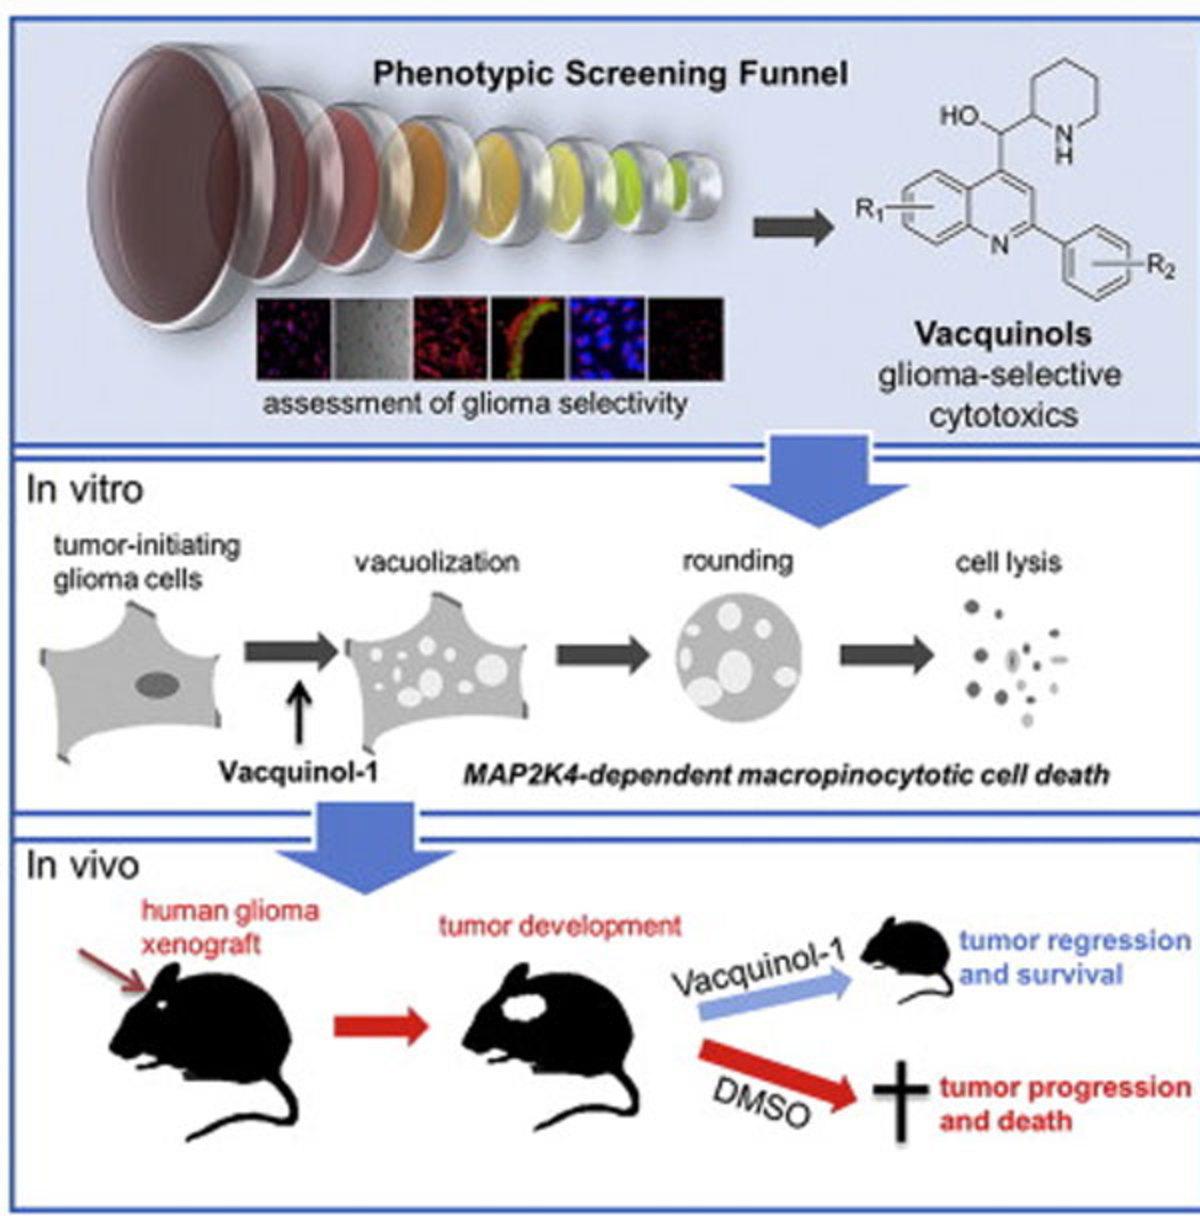 """Σπουδαία ιατρική ανακάλυψη; Νέος μηχανισμός καταπολέμησης του καρκίνου – Σταμάτησαν την ανάπτυξη των όγκων """"ανατινάζοντας"""" τα καρκινικά κύτταρα!"""